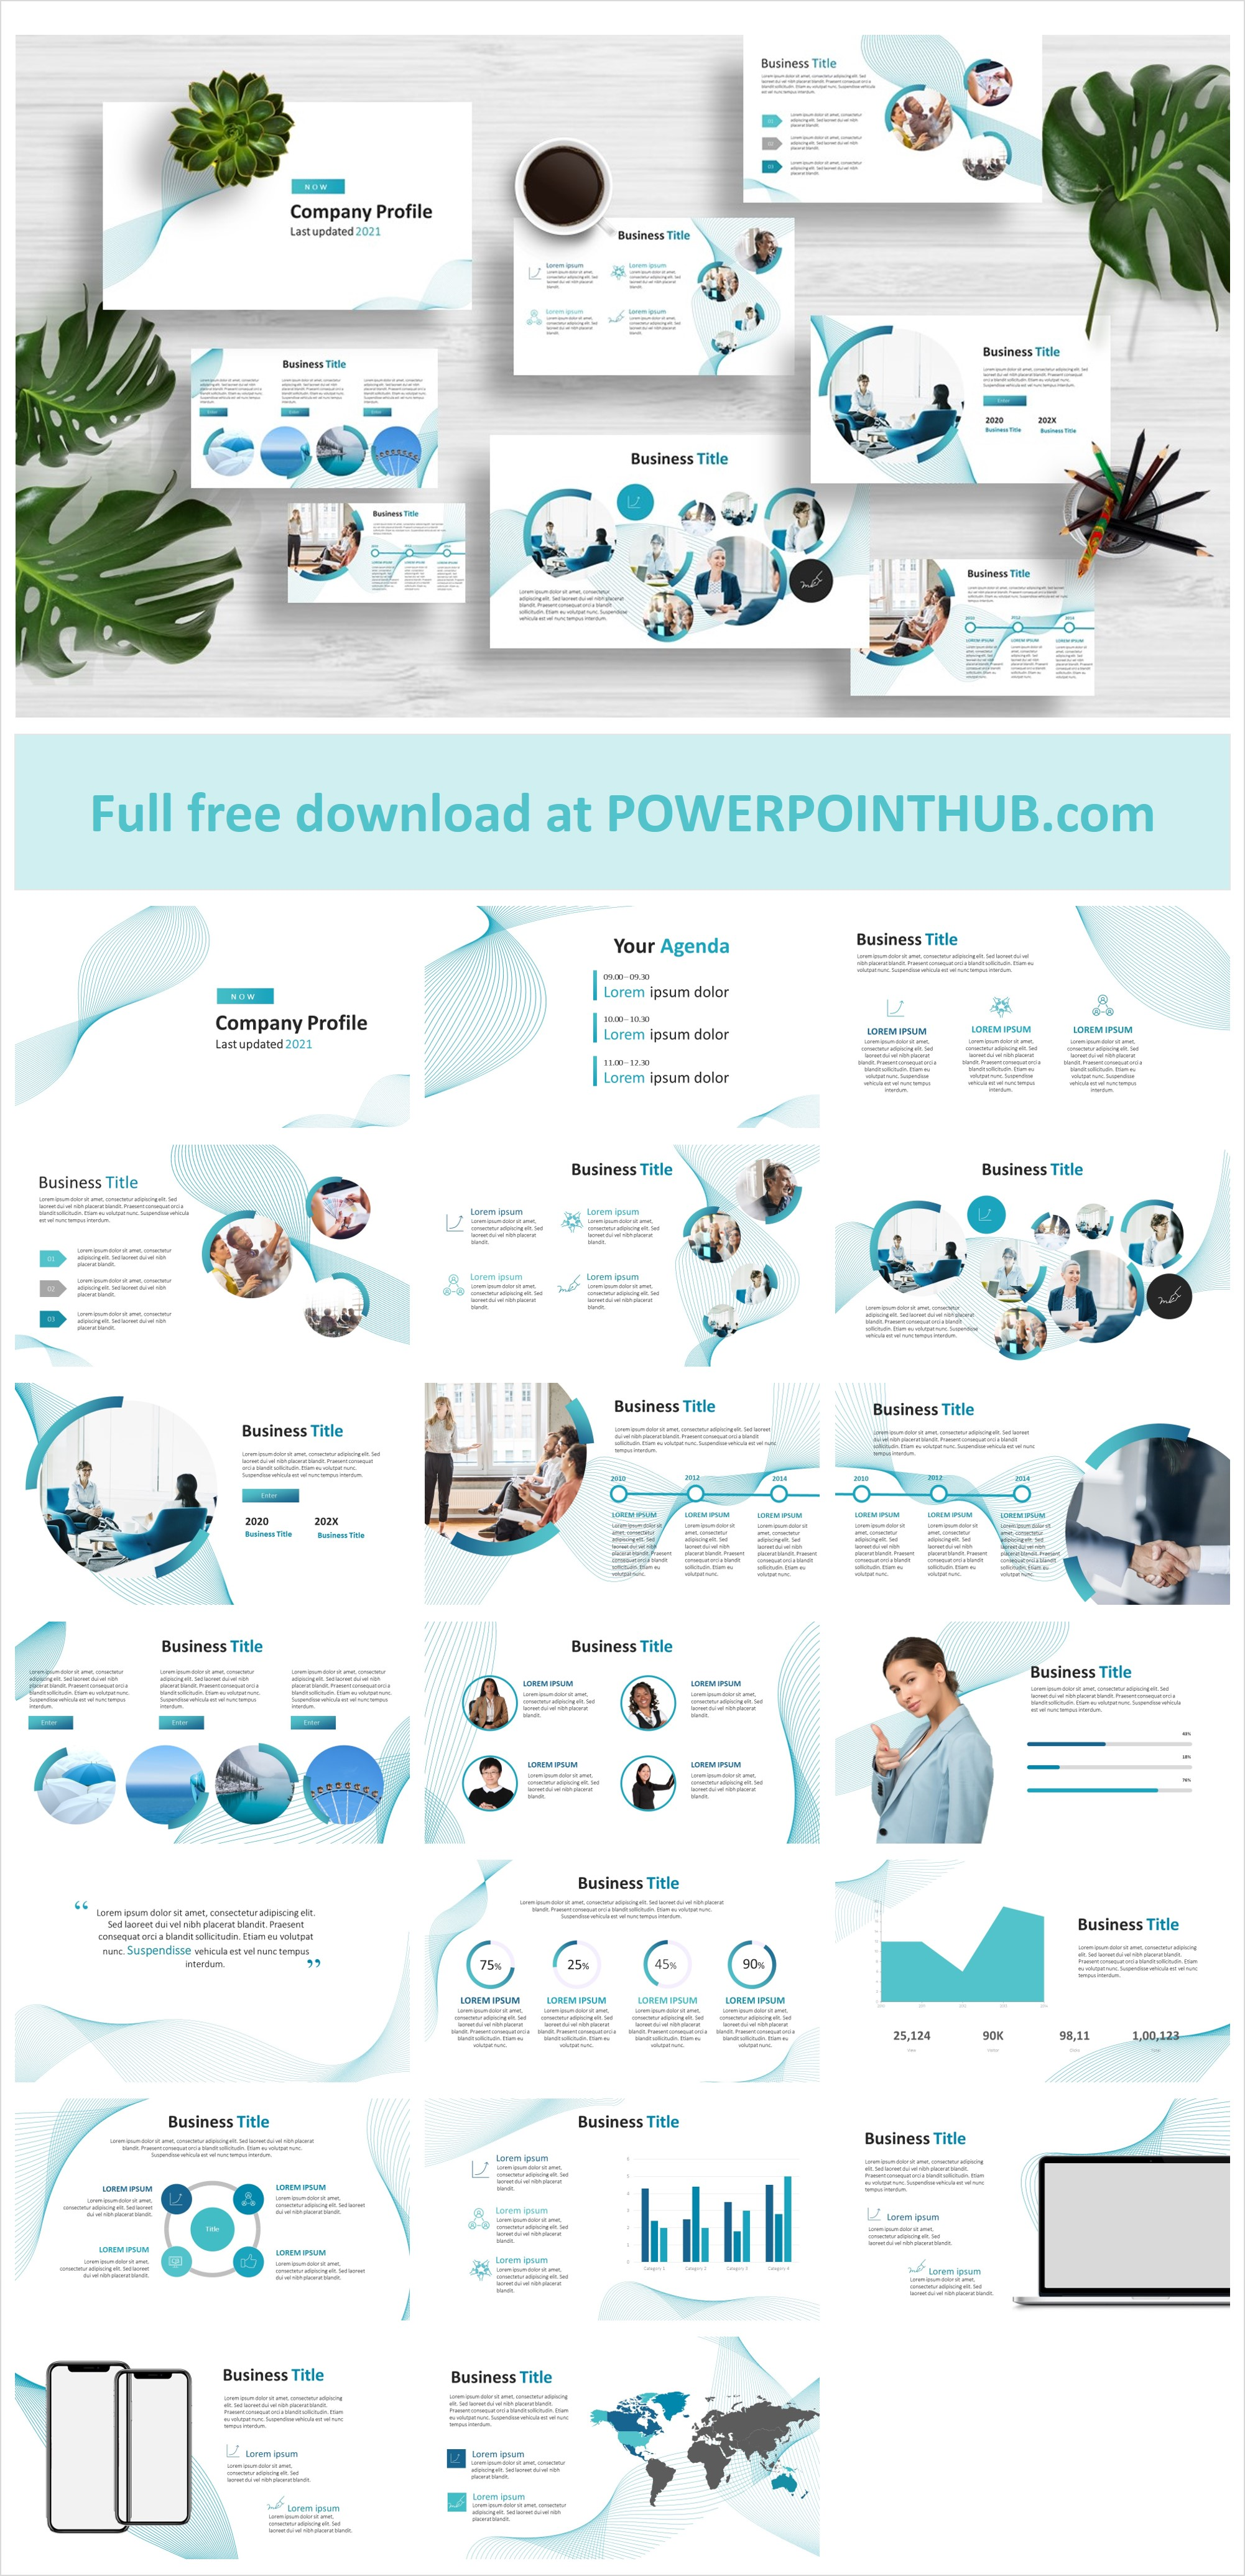 ฟรี PowerPoint Template สีฟ้าดูเรียบง่ายสำหรับธุรกิจหรือองค์กรที่ต้องการความน่าเชื่อถือ  สามารถนำไปใช้งานได้หลากหลายโอกาส  ดาวน์โหลดเลย